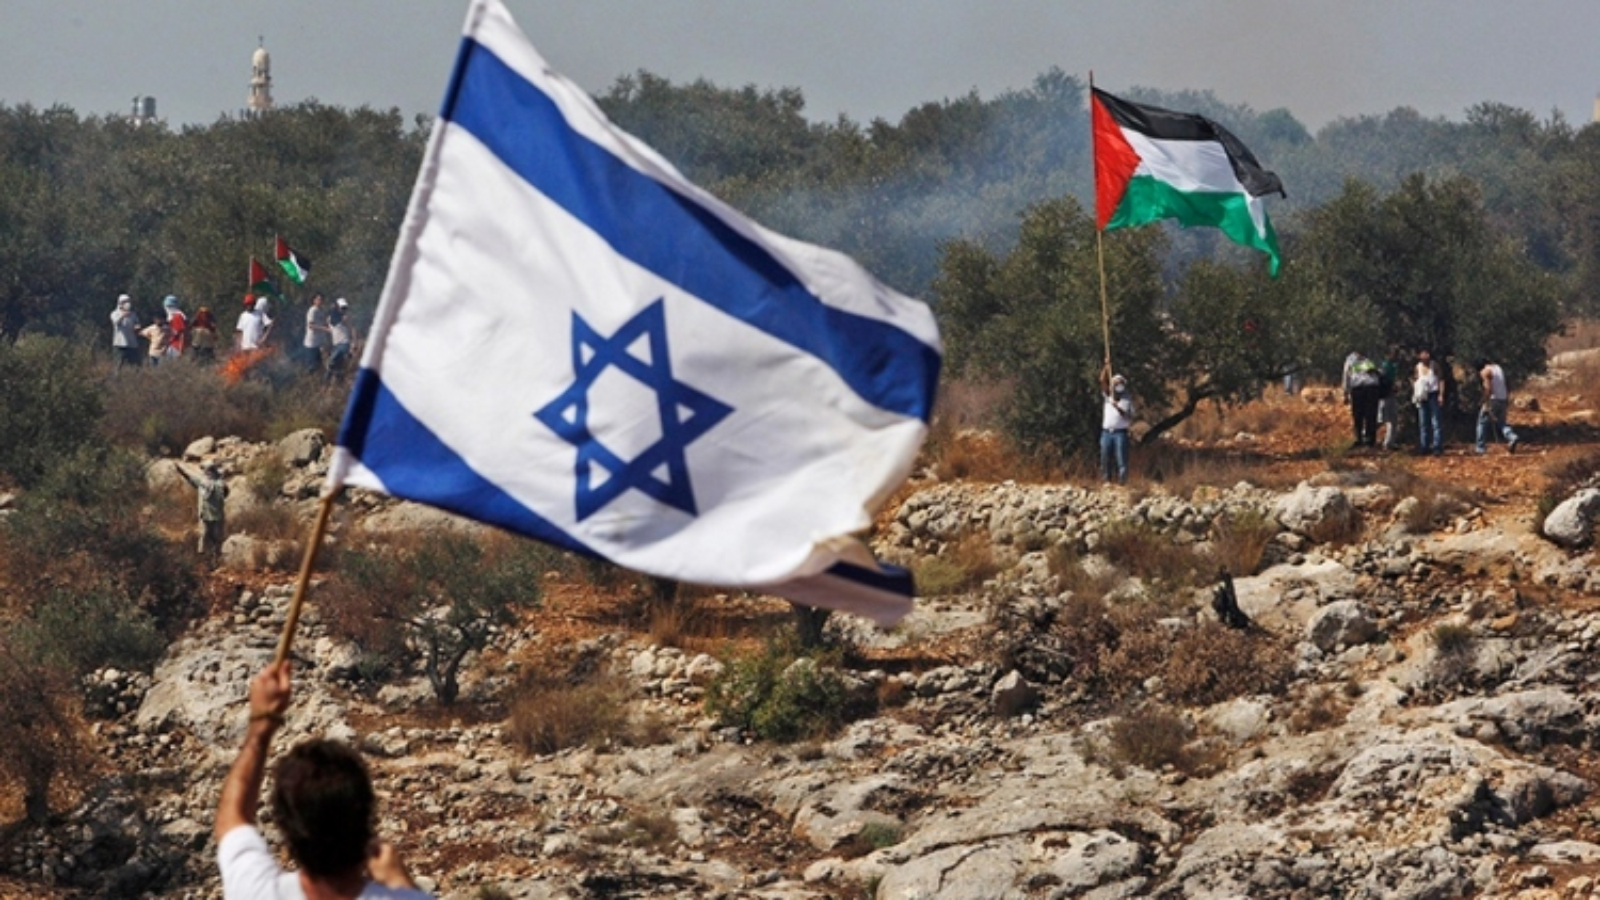 Mỹ khôi phục lại viện trợ cho Palestine, Israel lên tiếng chỉ trích